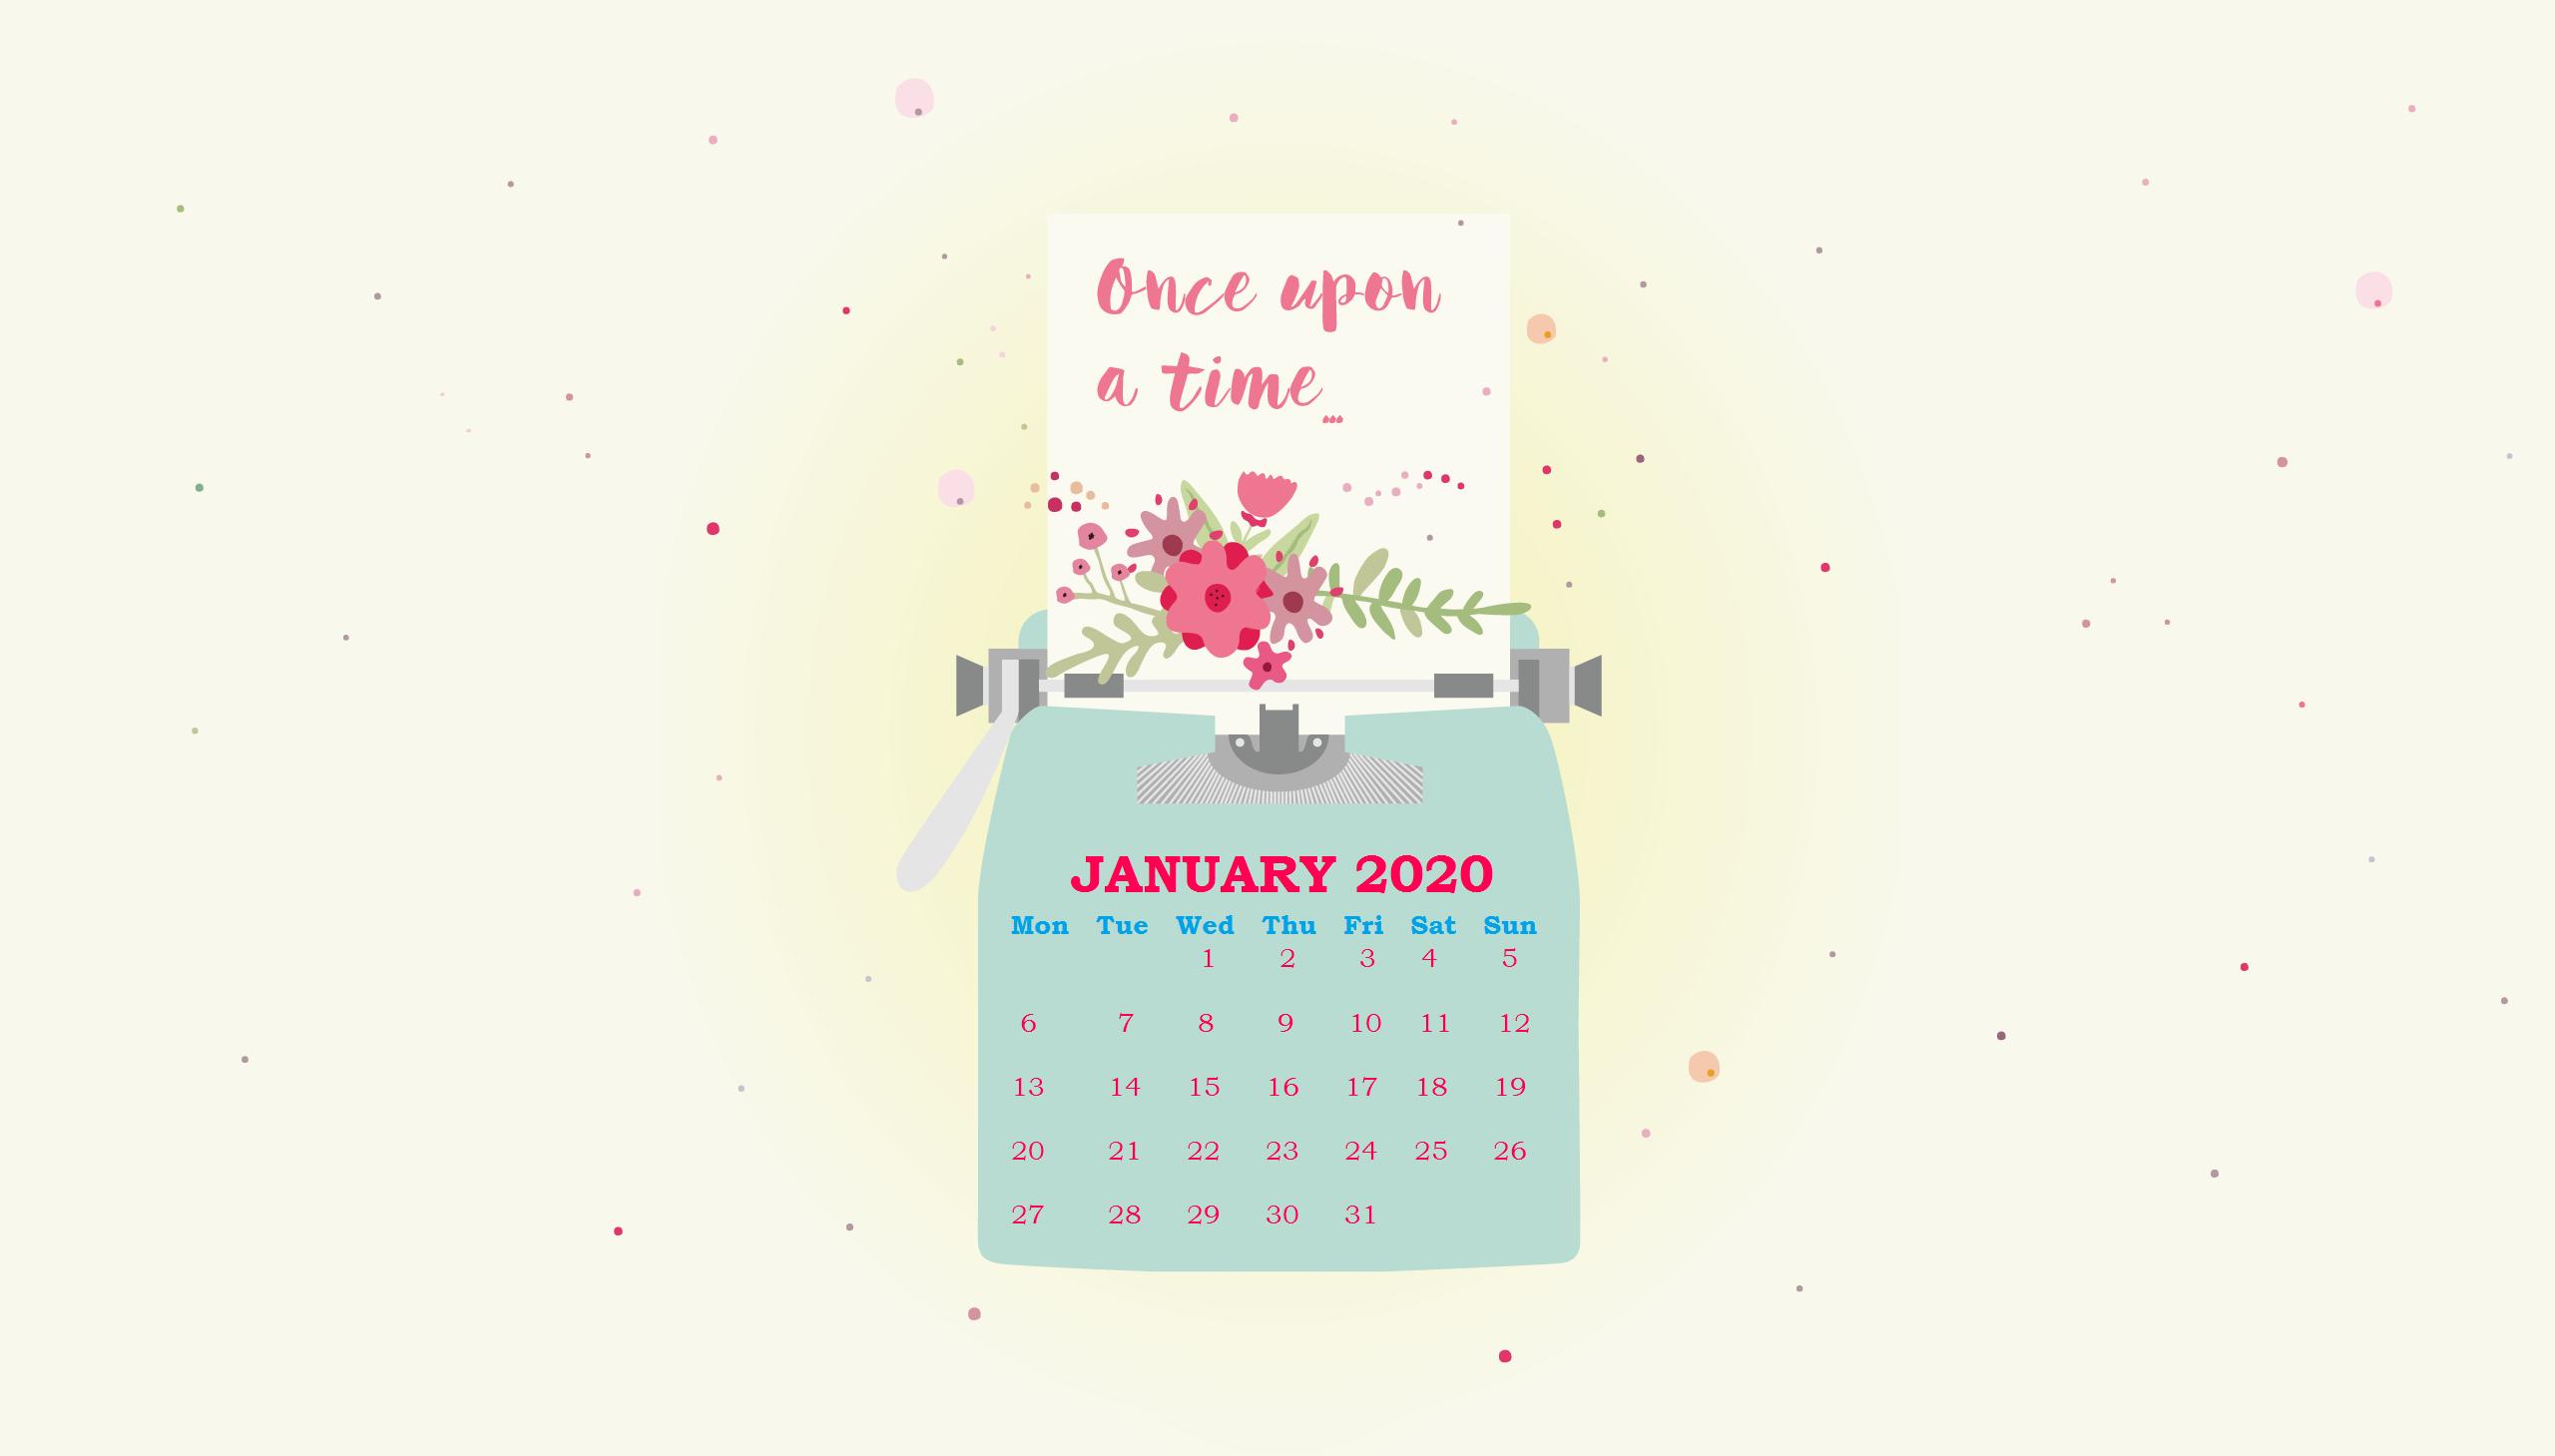 January 2020 Wallpaper Calendar Calendar 2019 2560x1459